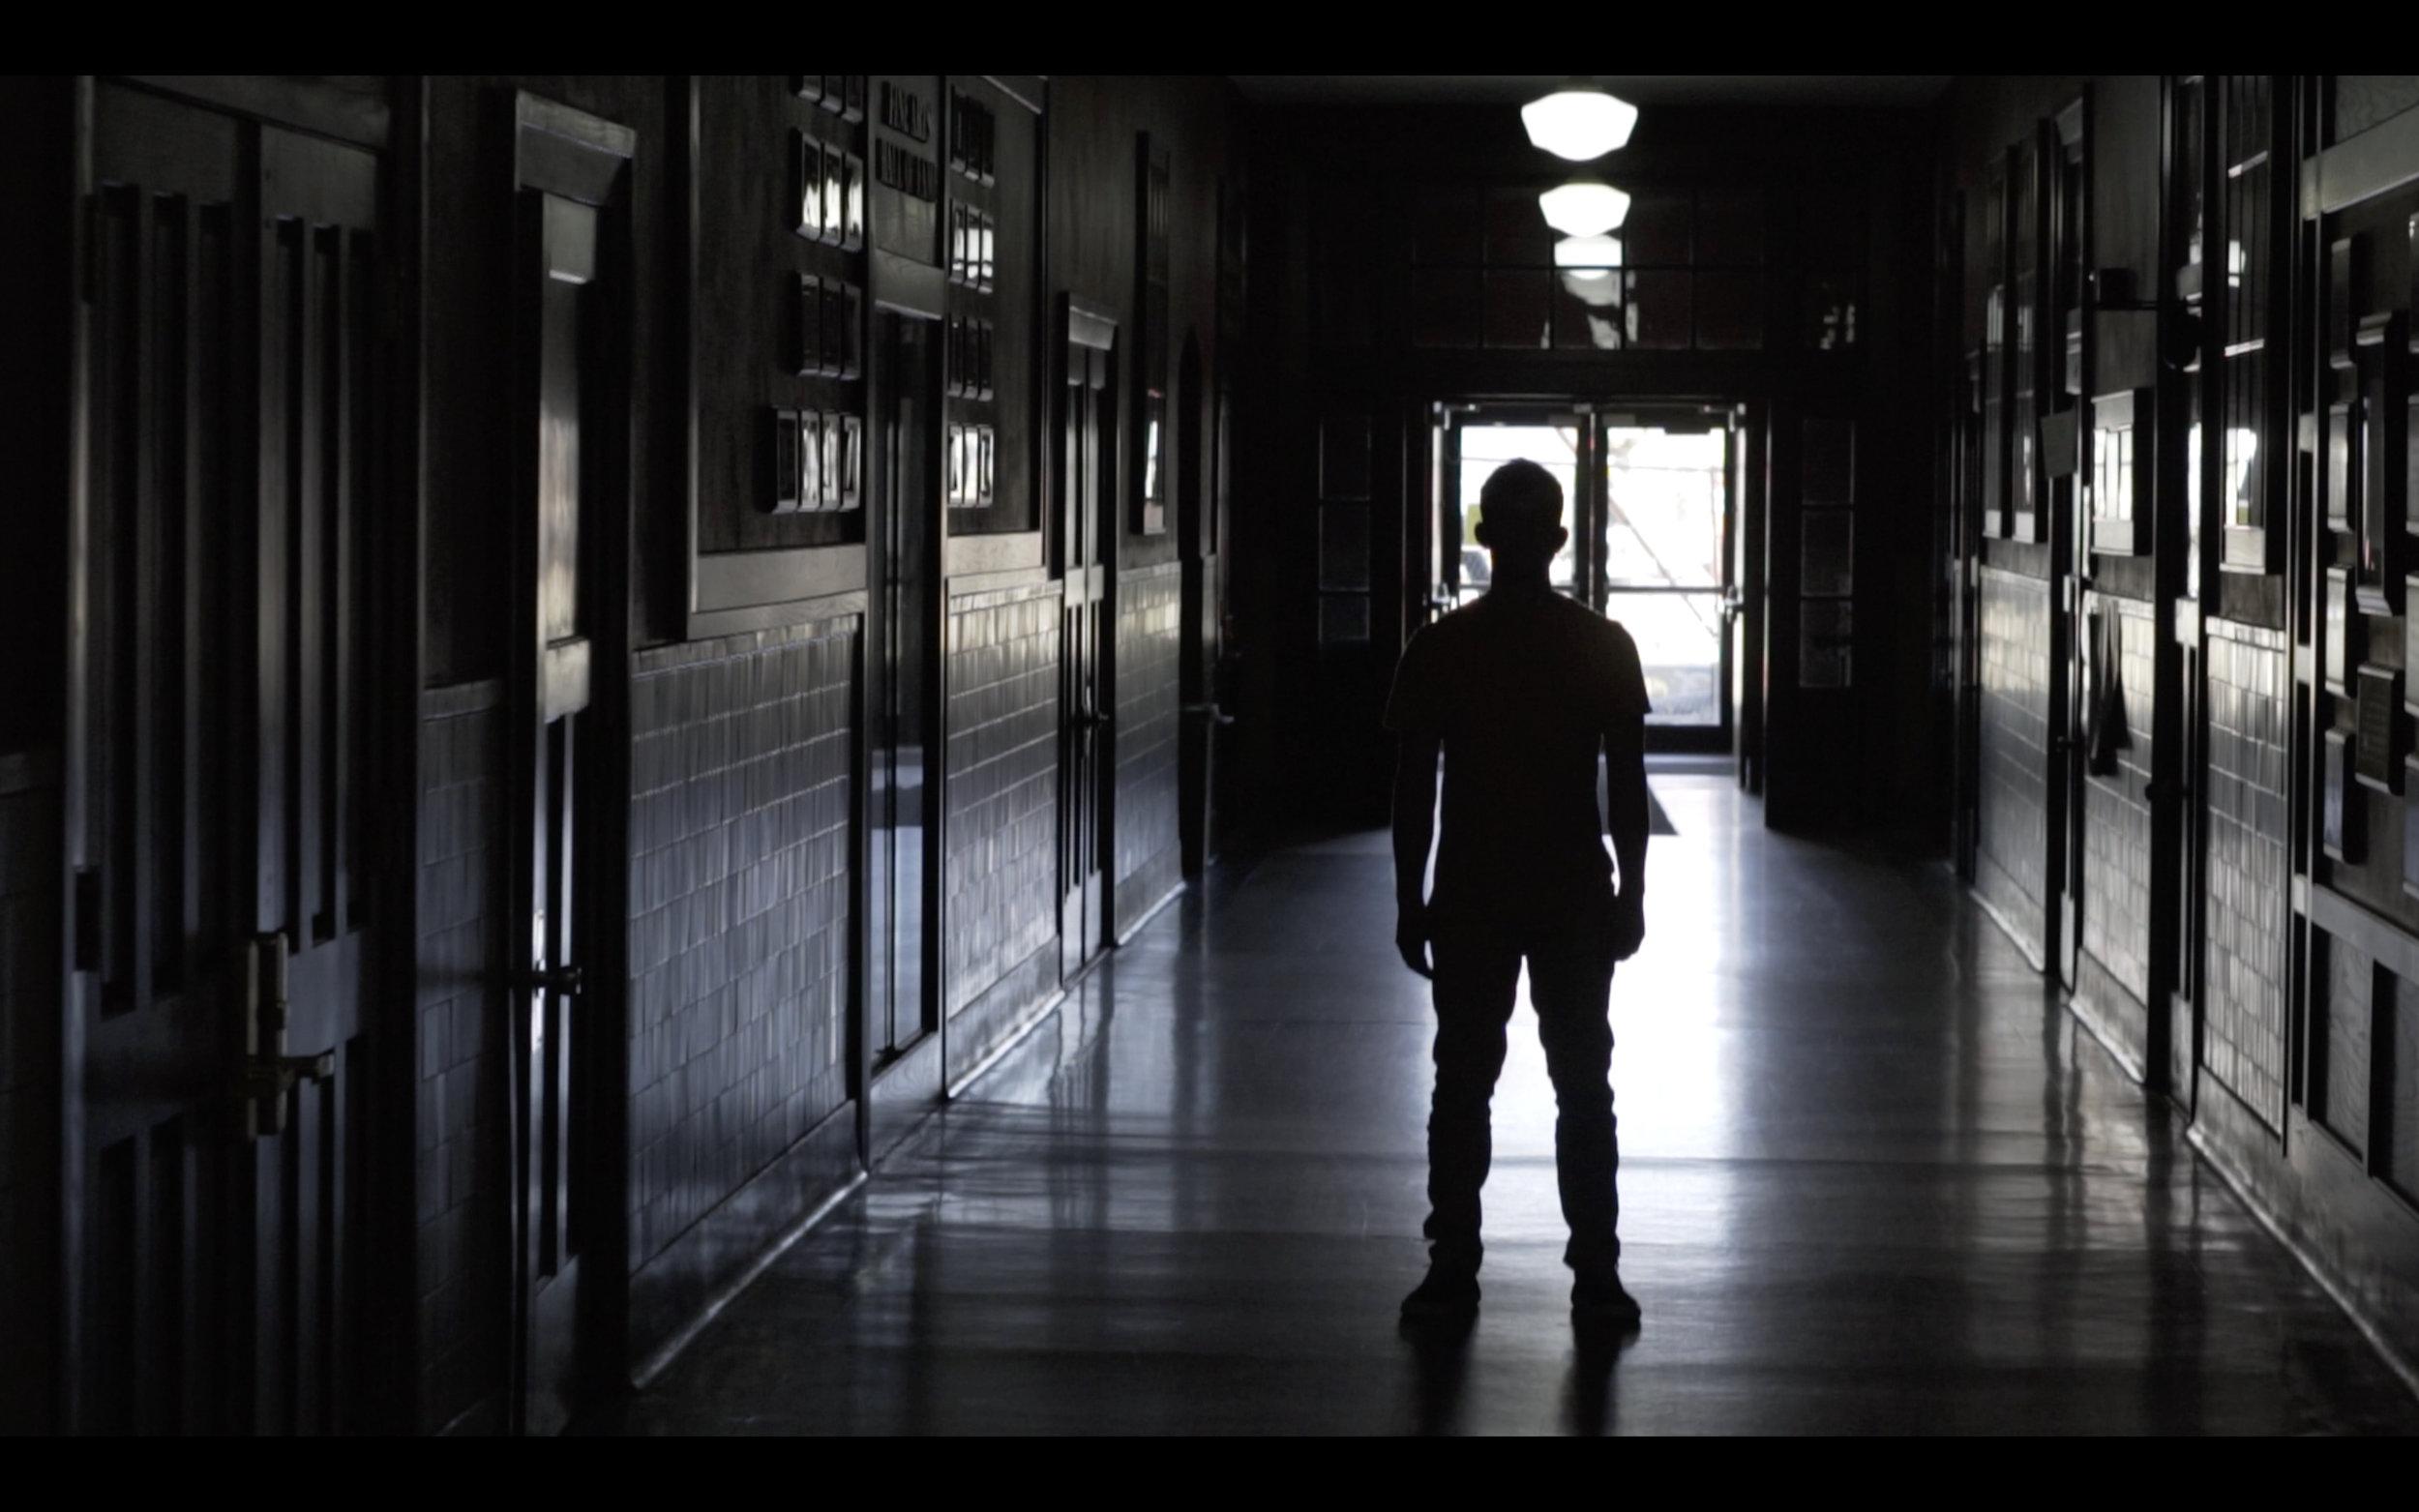 Dieter - Hallway.jpg